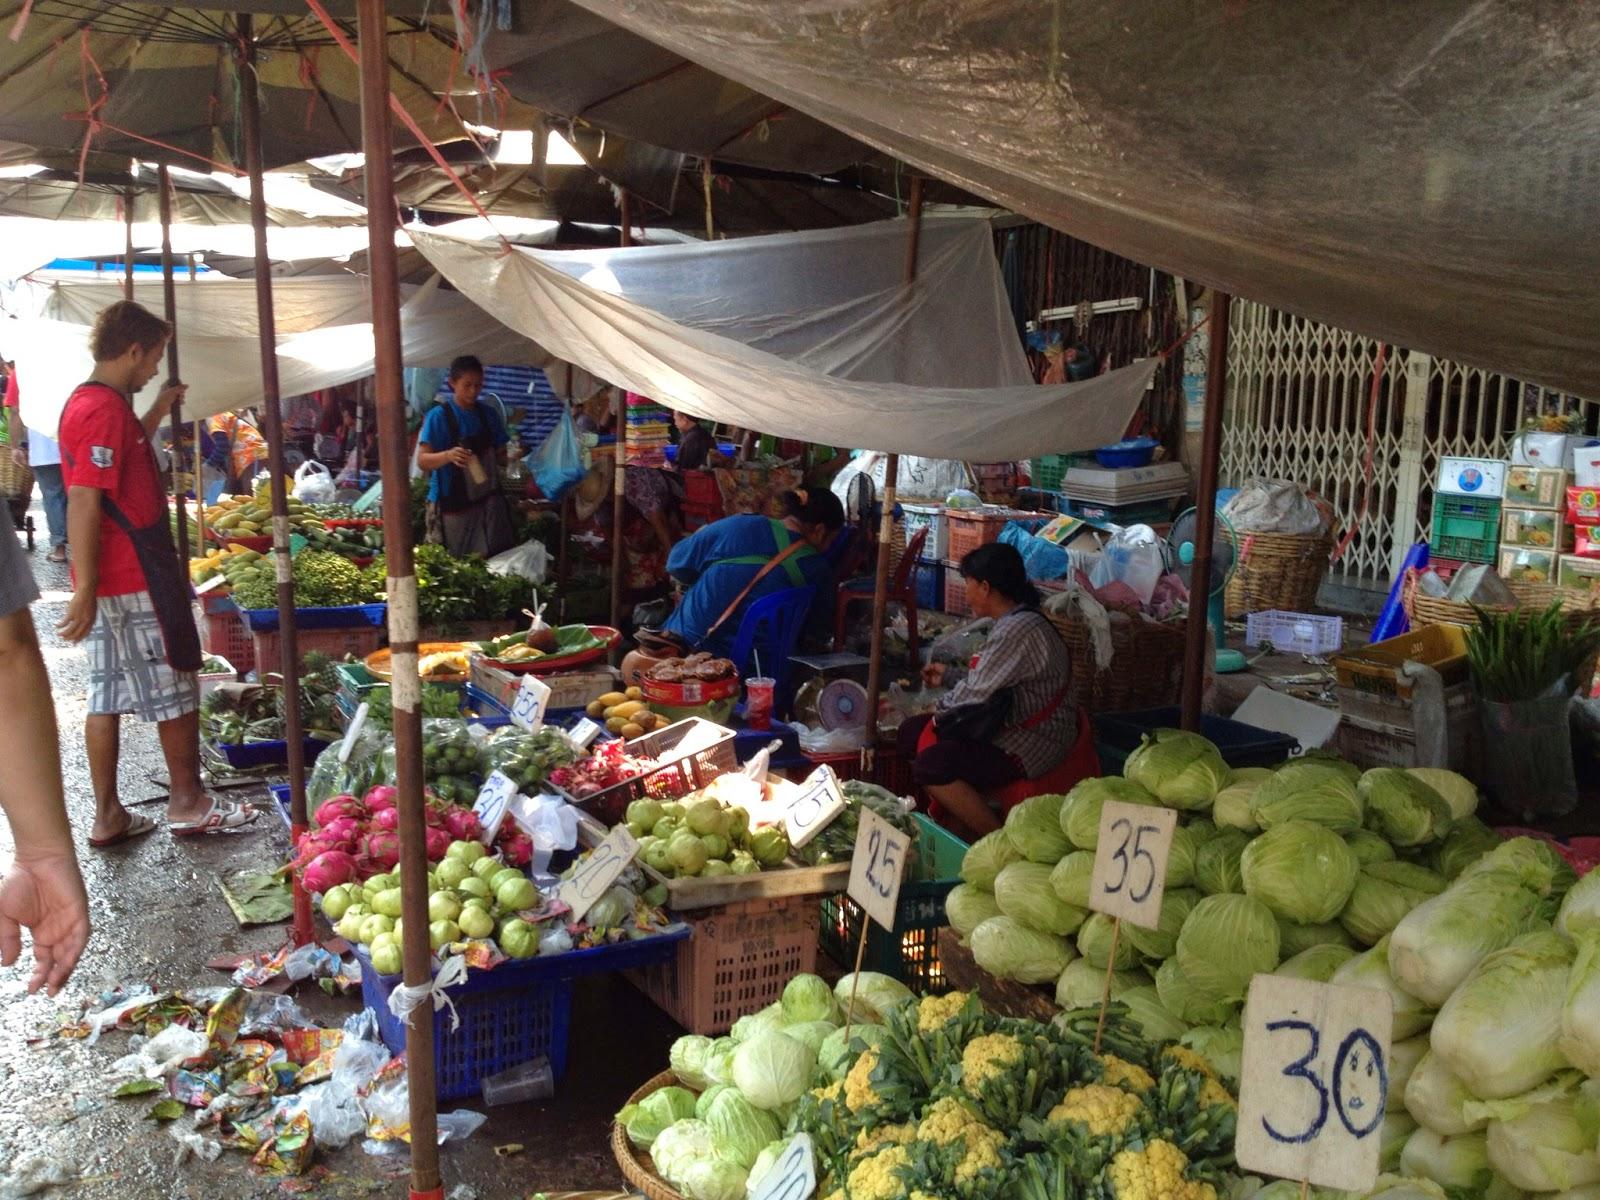 Bangkok - Wet market vegetable stalls